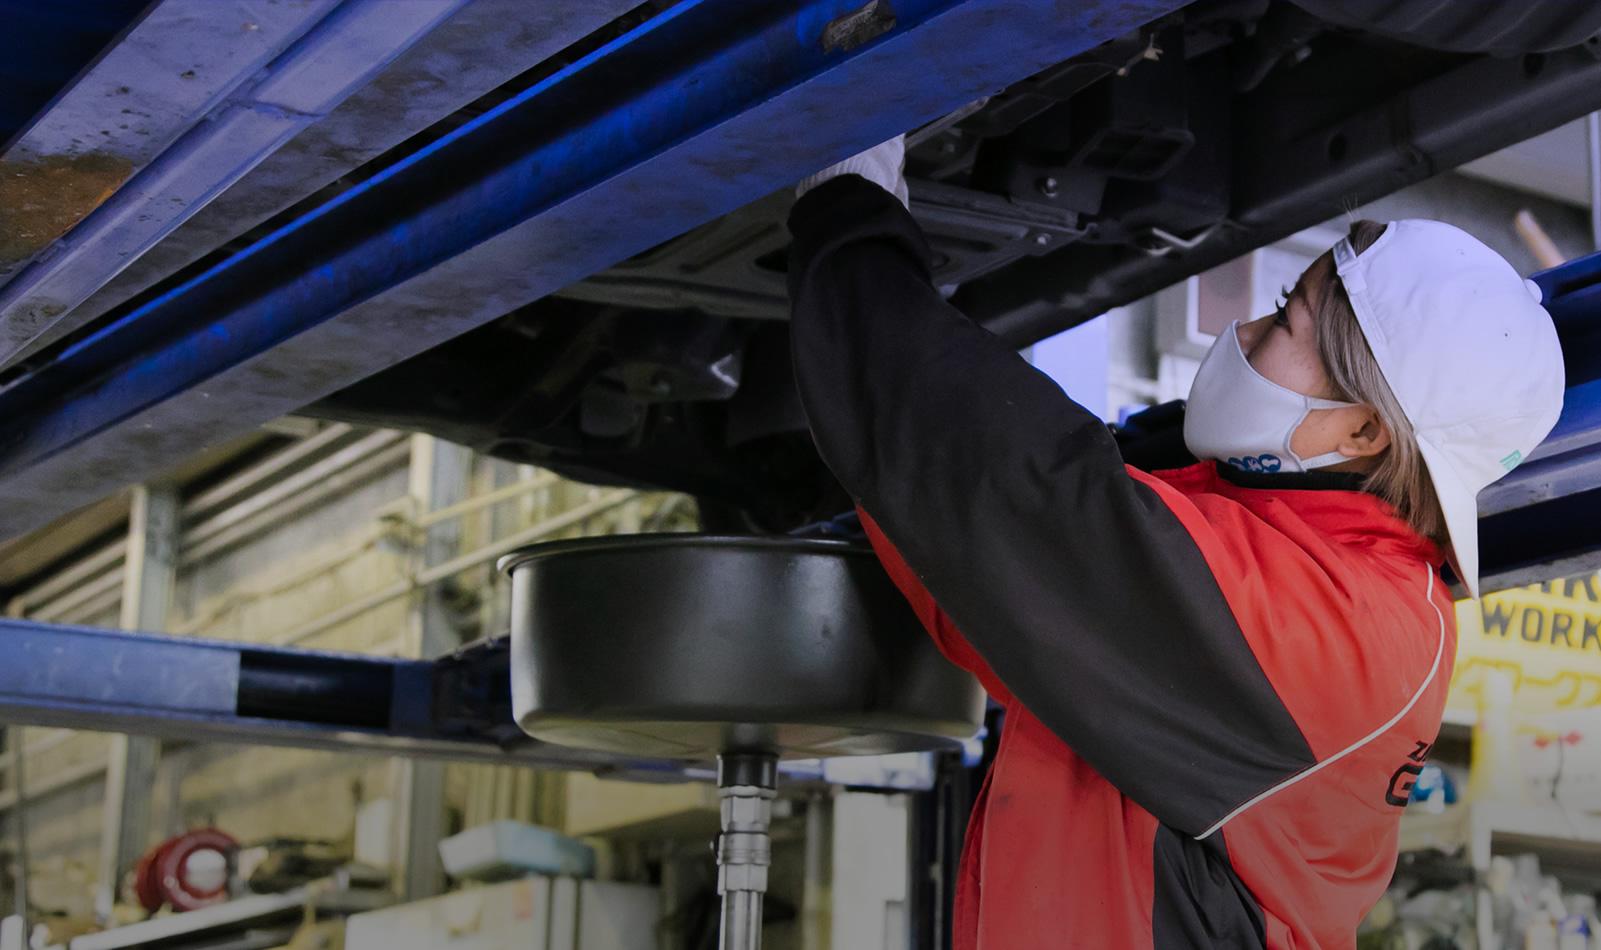 丸八重整備は、工事や工場に必要な車両の販売・レンタル・修理に特化した会社です。